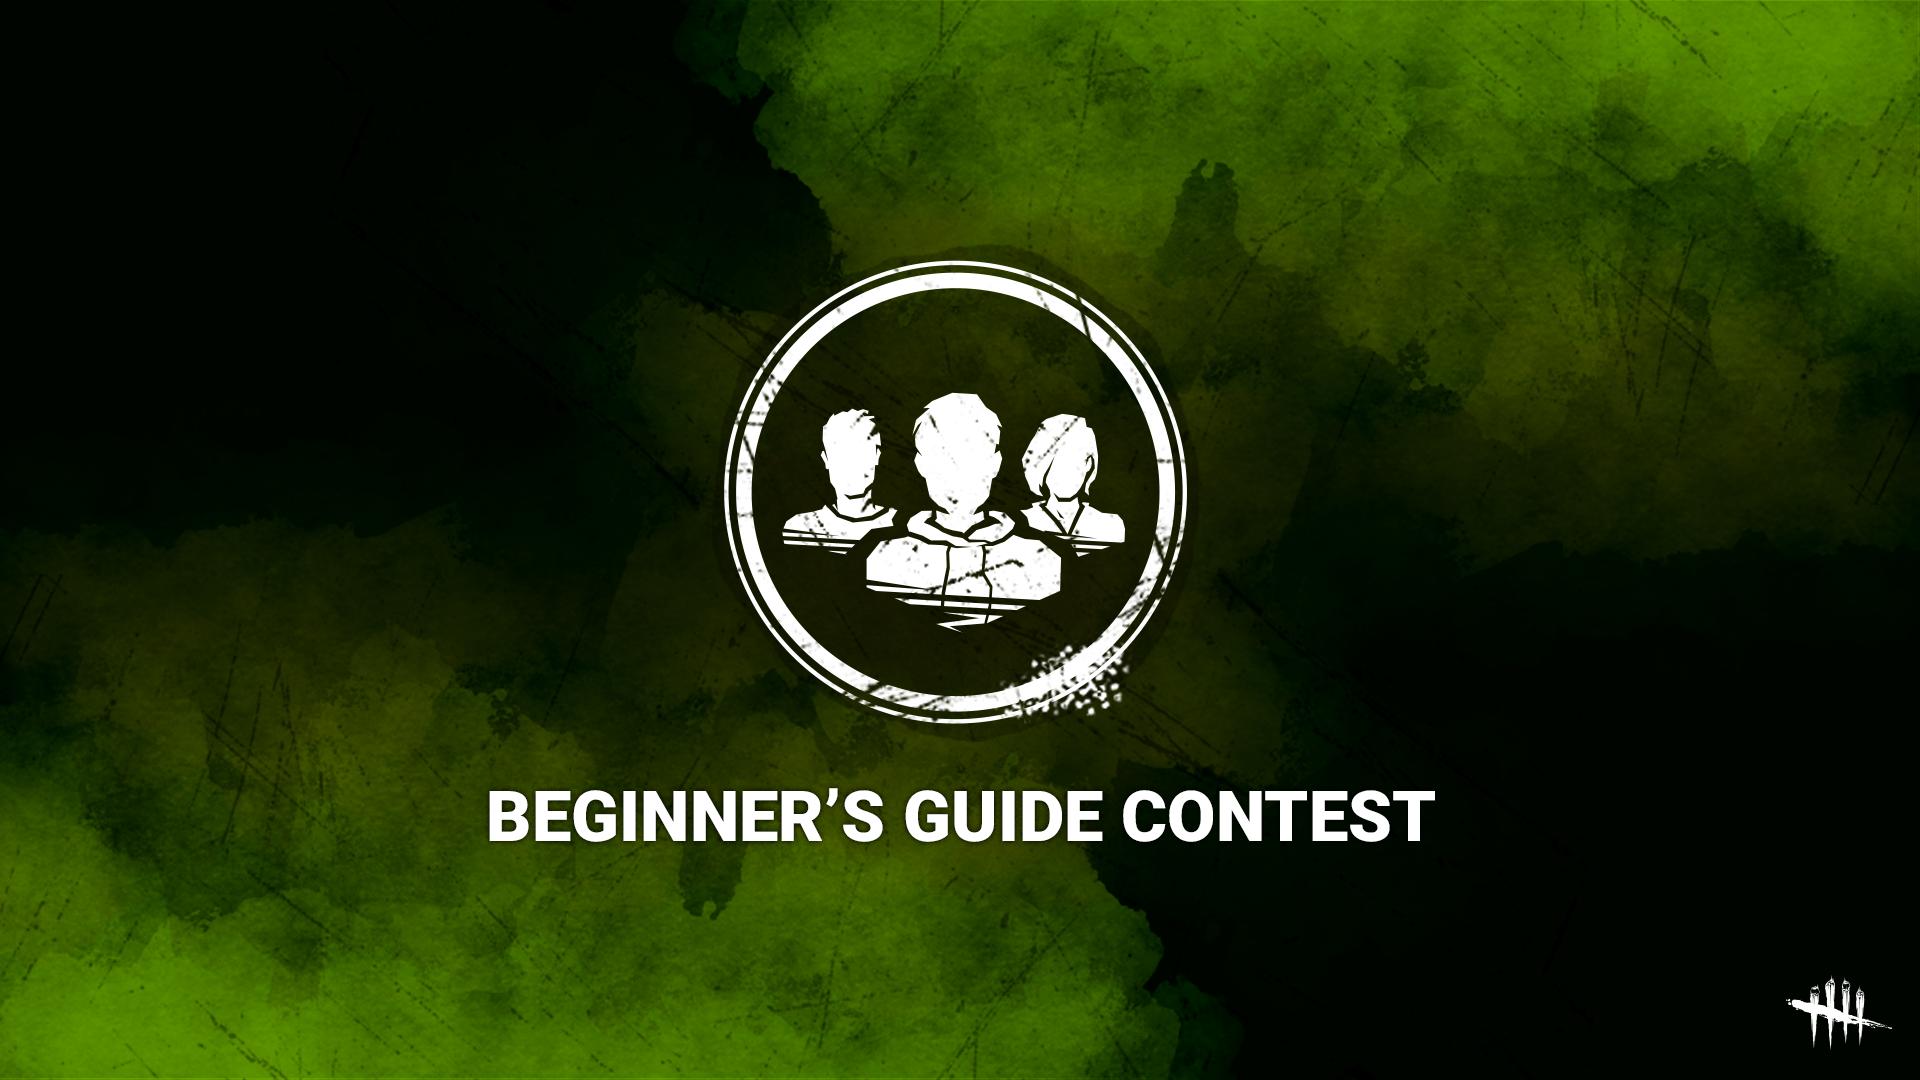 BeginnersGuide.png